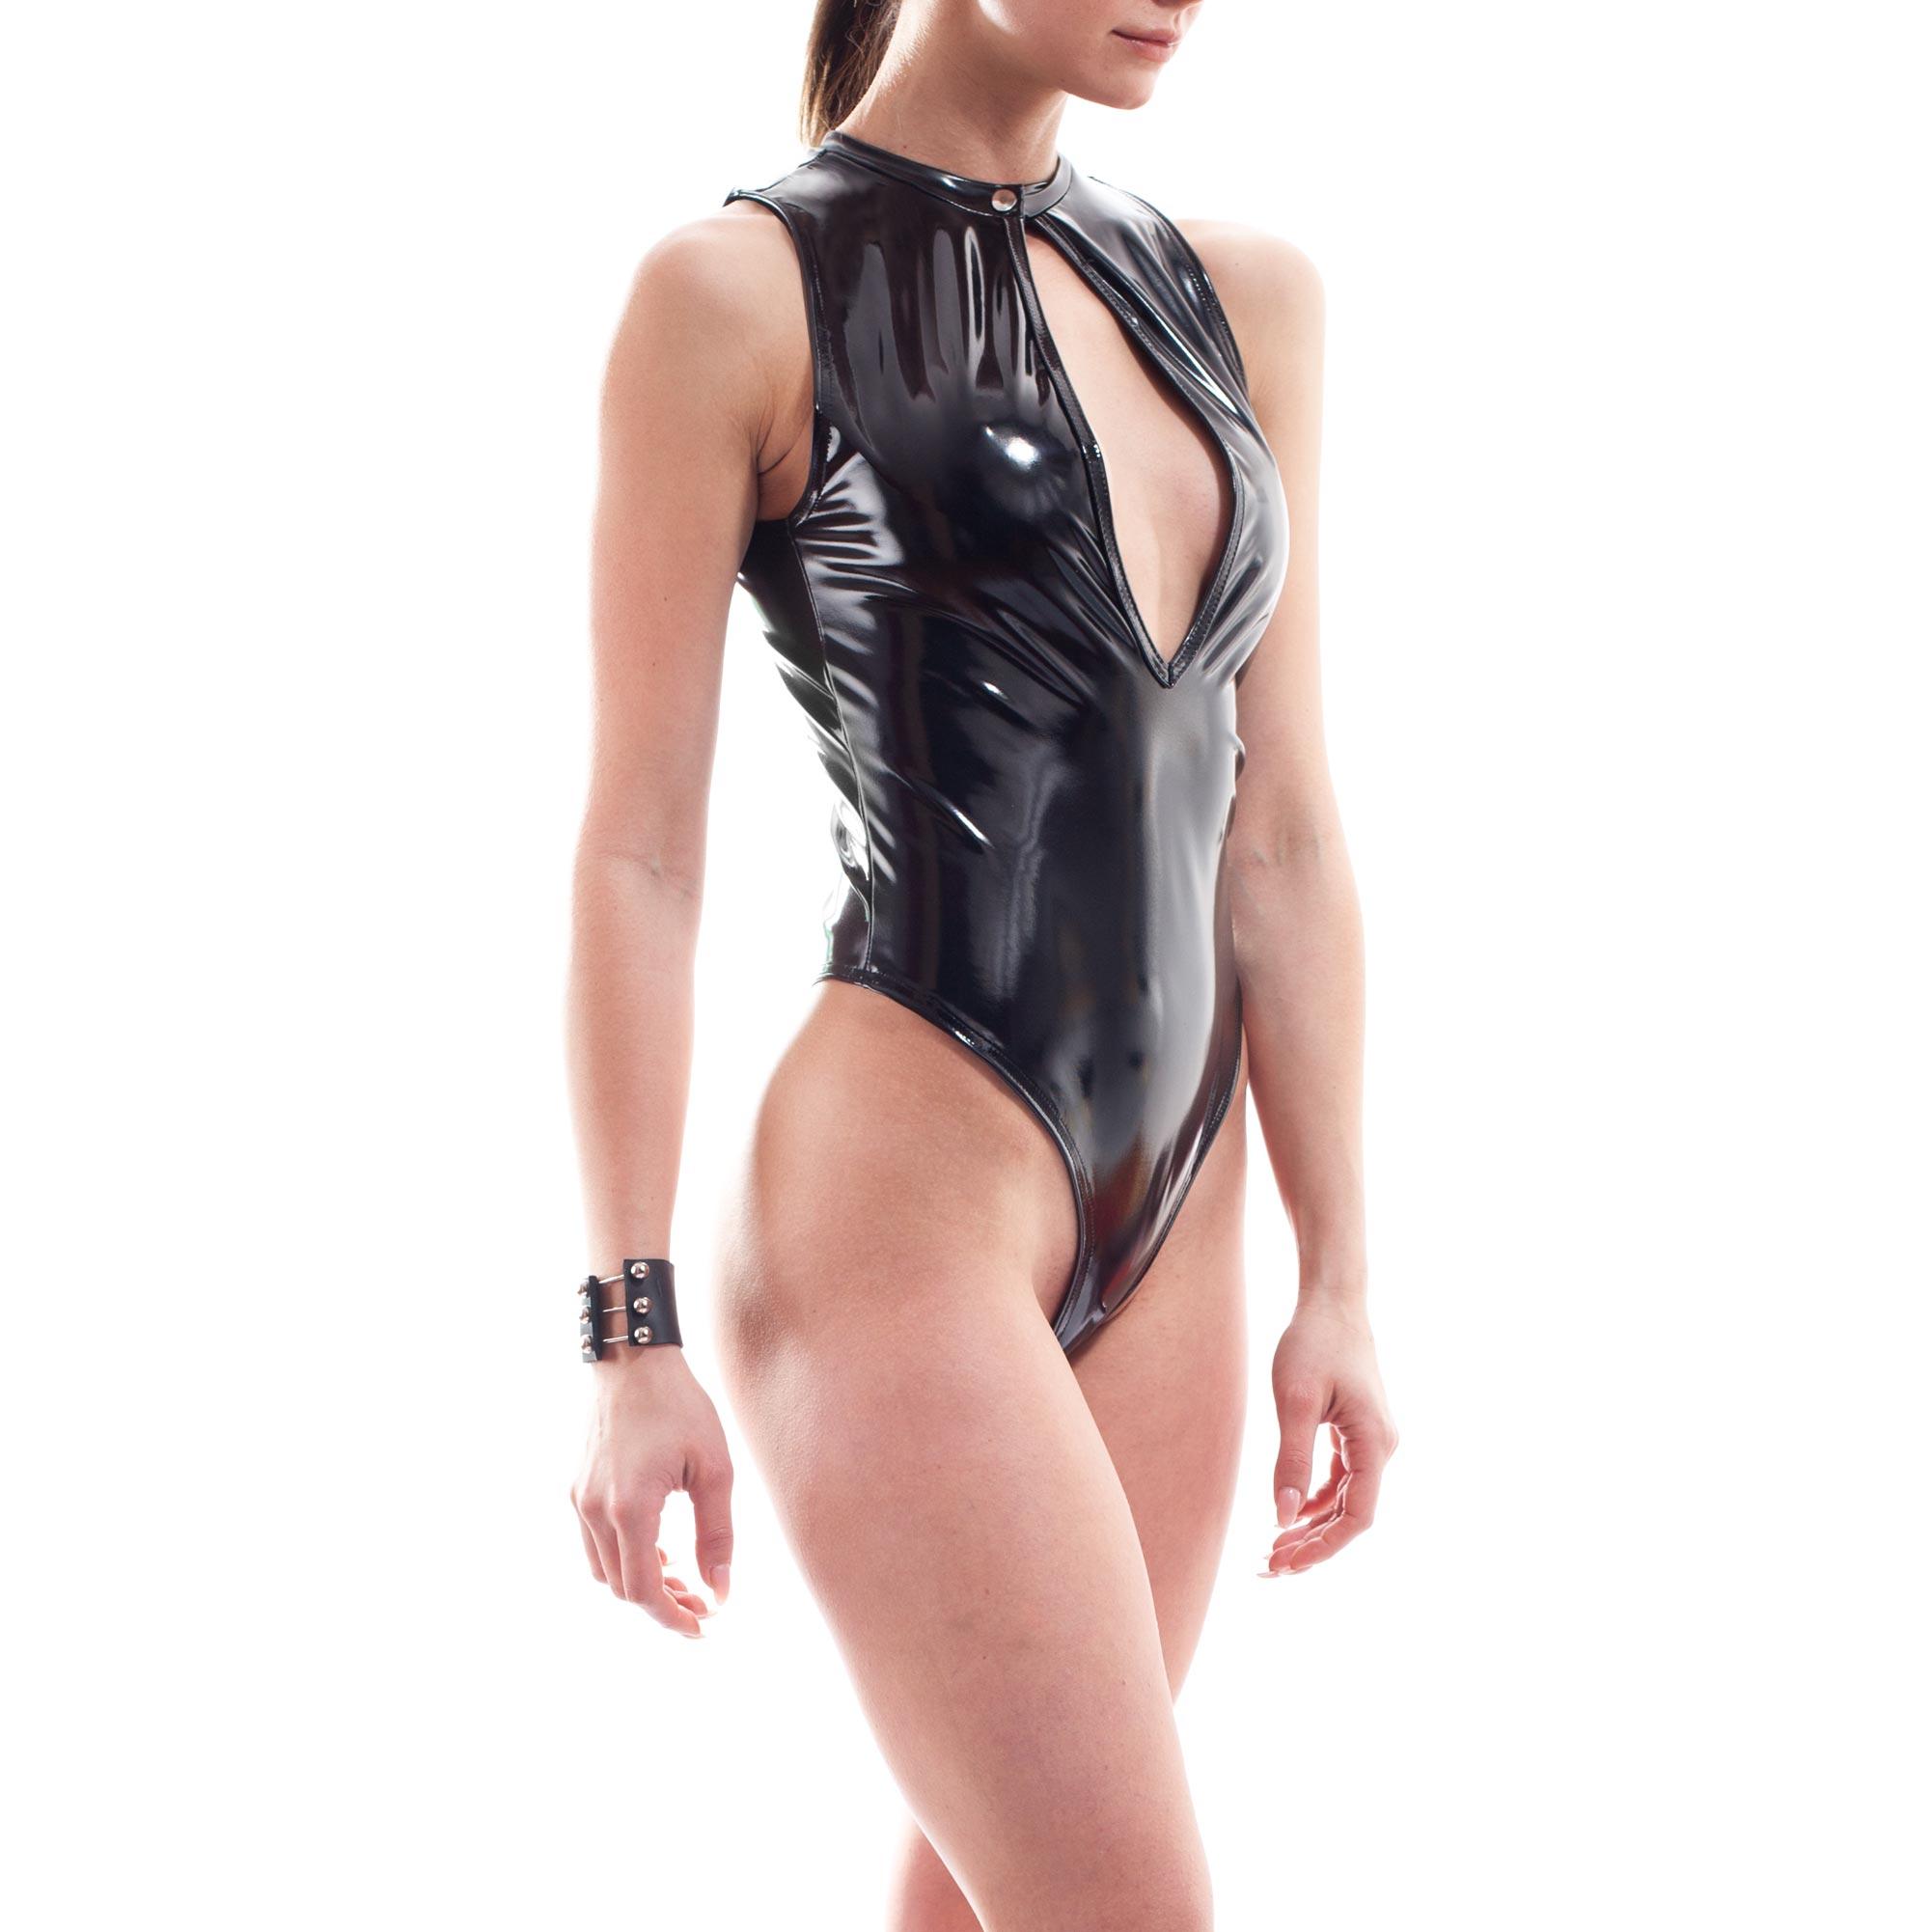 Dieser Damen Lack Ouverte Body gehört zu den Wojoer LIVE-Produkten. Sie werden ab Bestellung bei uns produziert. So können wir auf Kundenwünsche individuell eingehen. Größen Erhältlich in den Größen 32 – 42 Materialzusammensetzung WETLEATHER, super dehnbares, leicht strukturiertes Leatherlike mit Lackglanz: 95% Viskose, 5%…